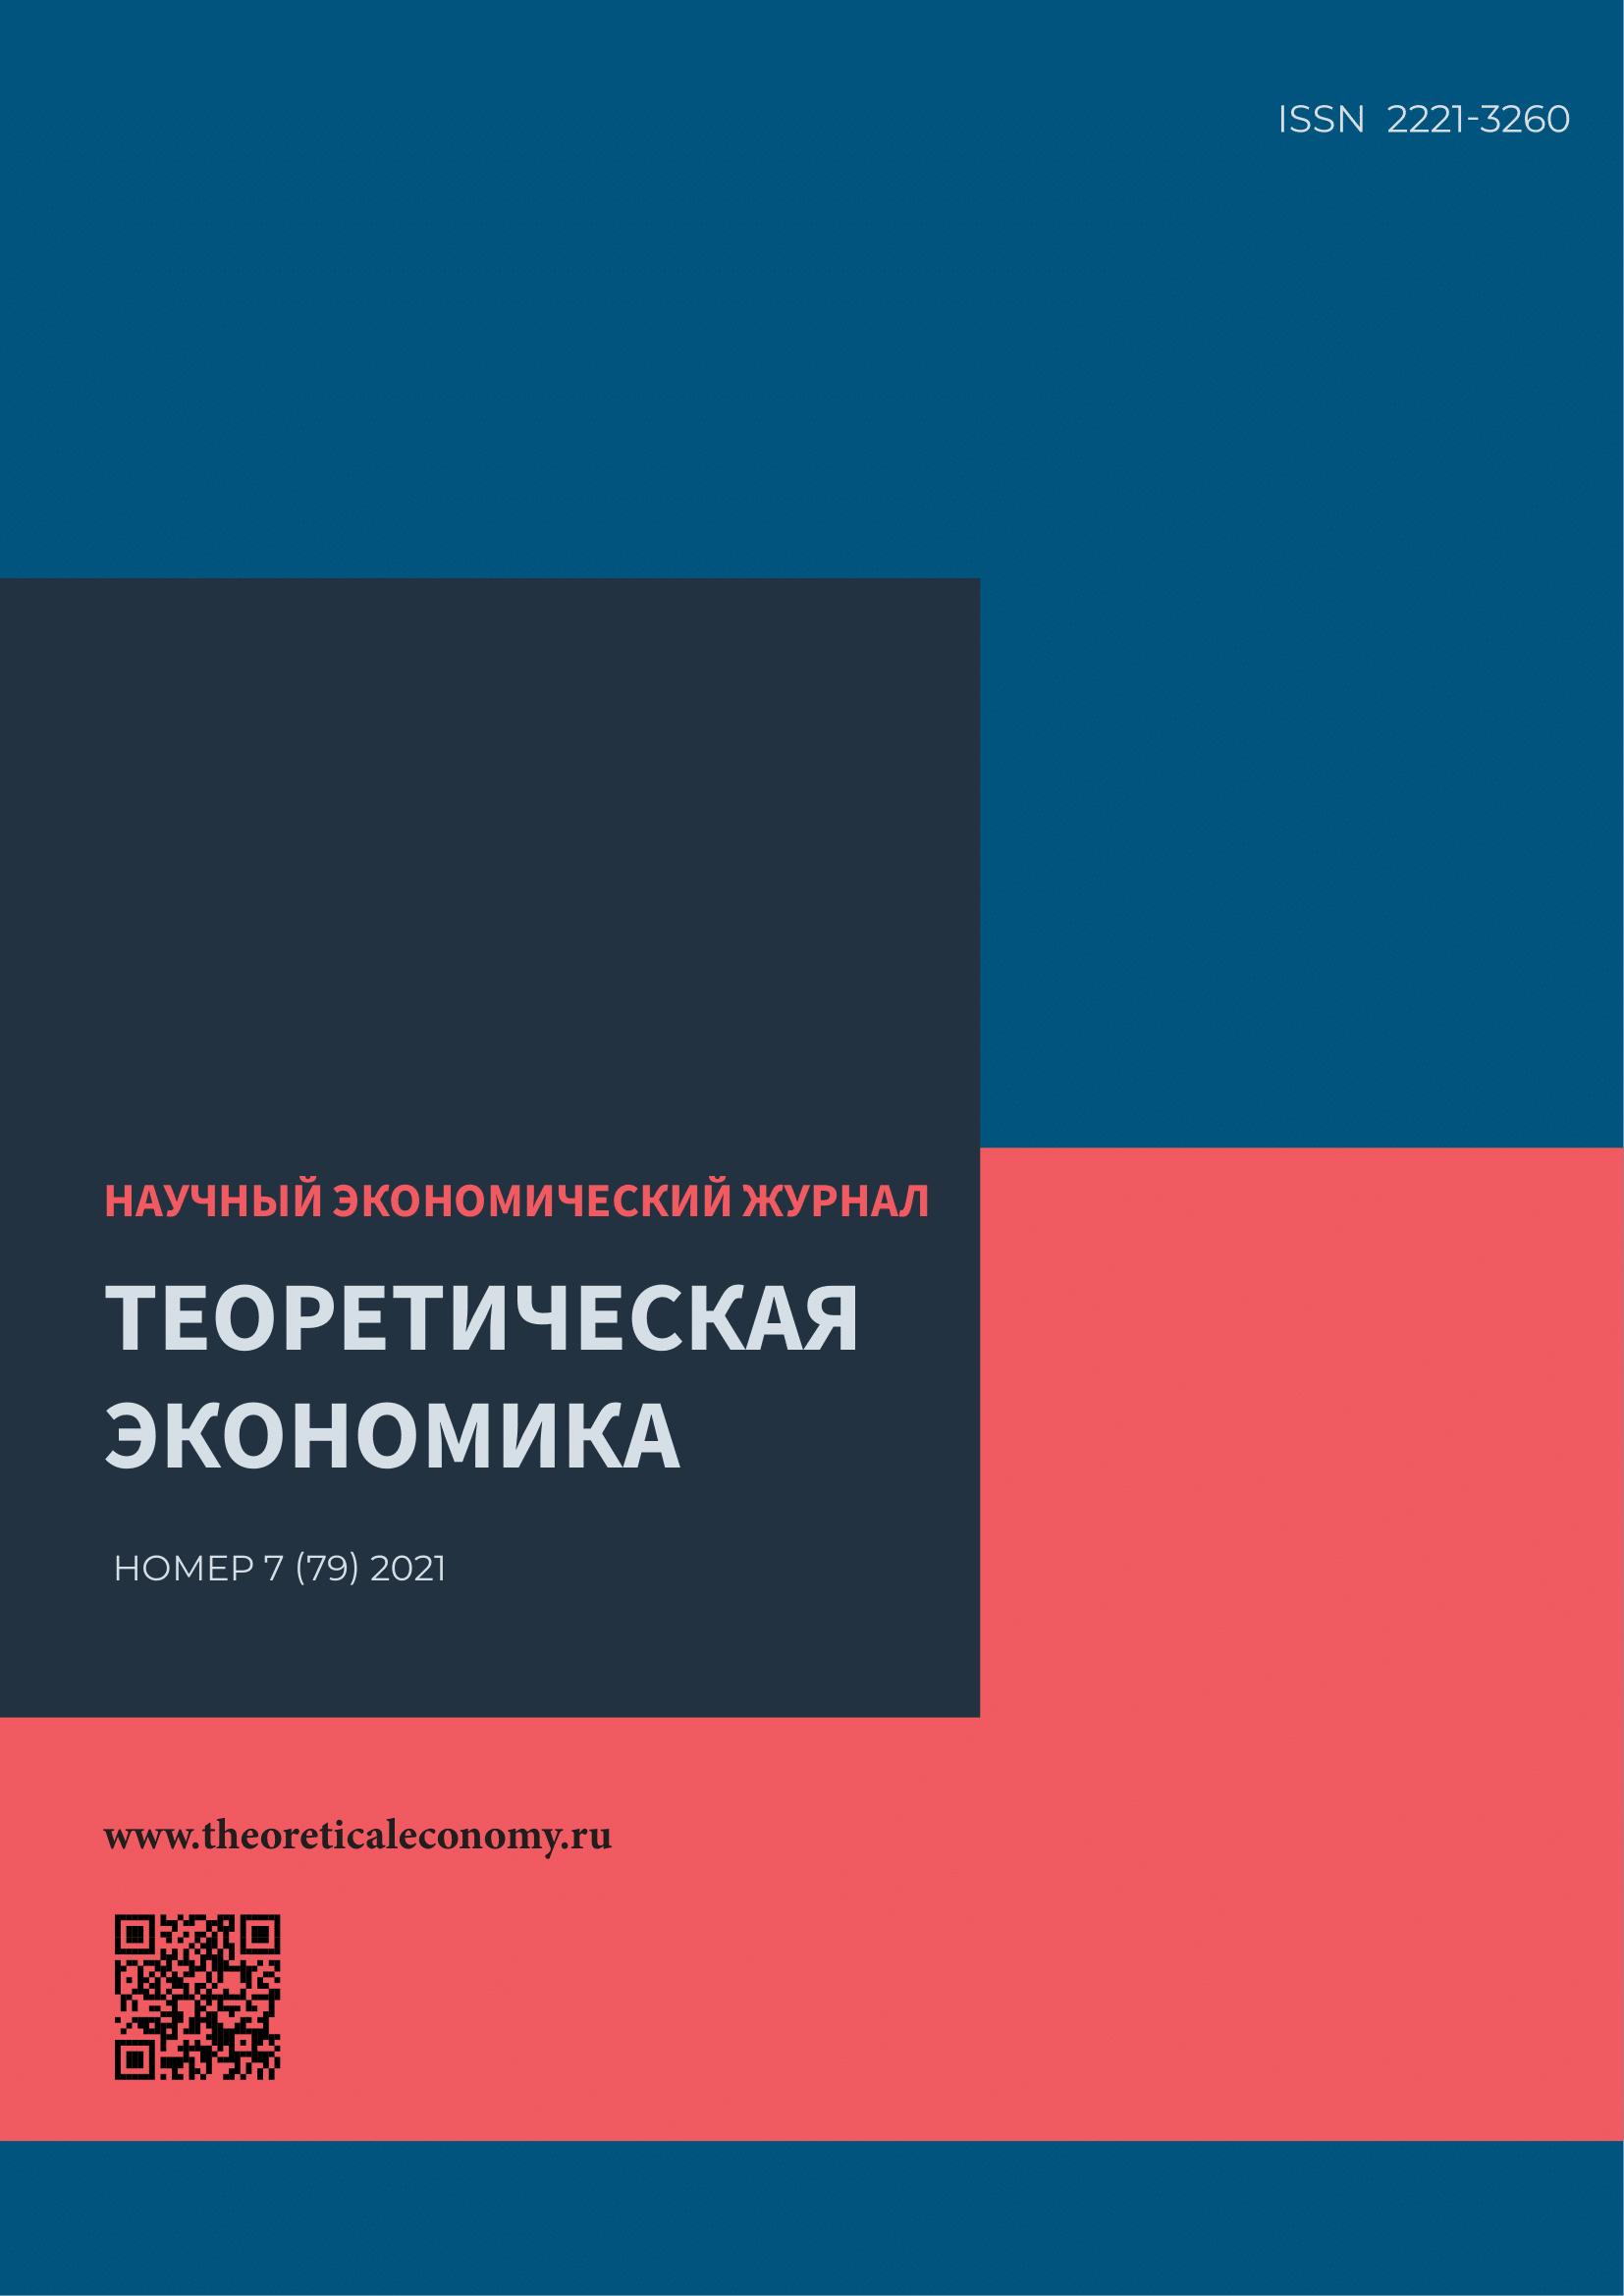 Показать Том 79 № 7 (2021): Теоретическая экономика